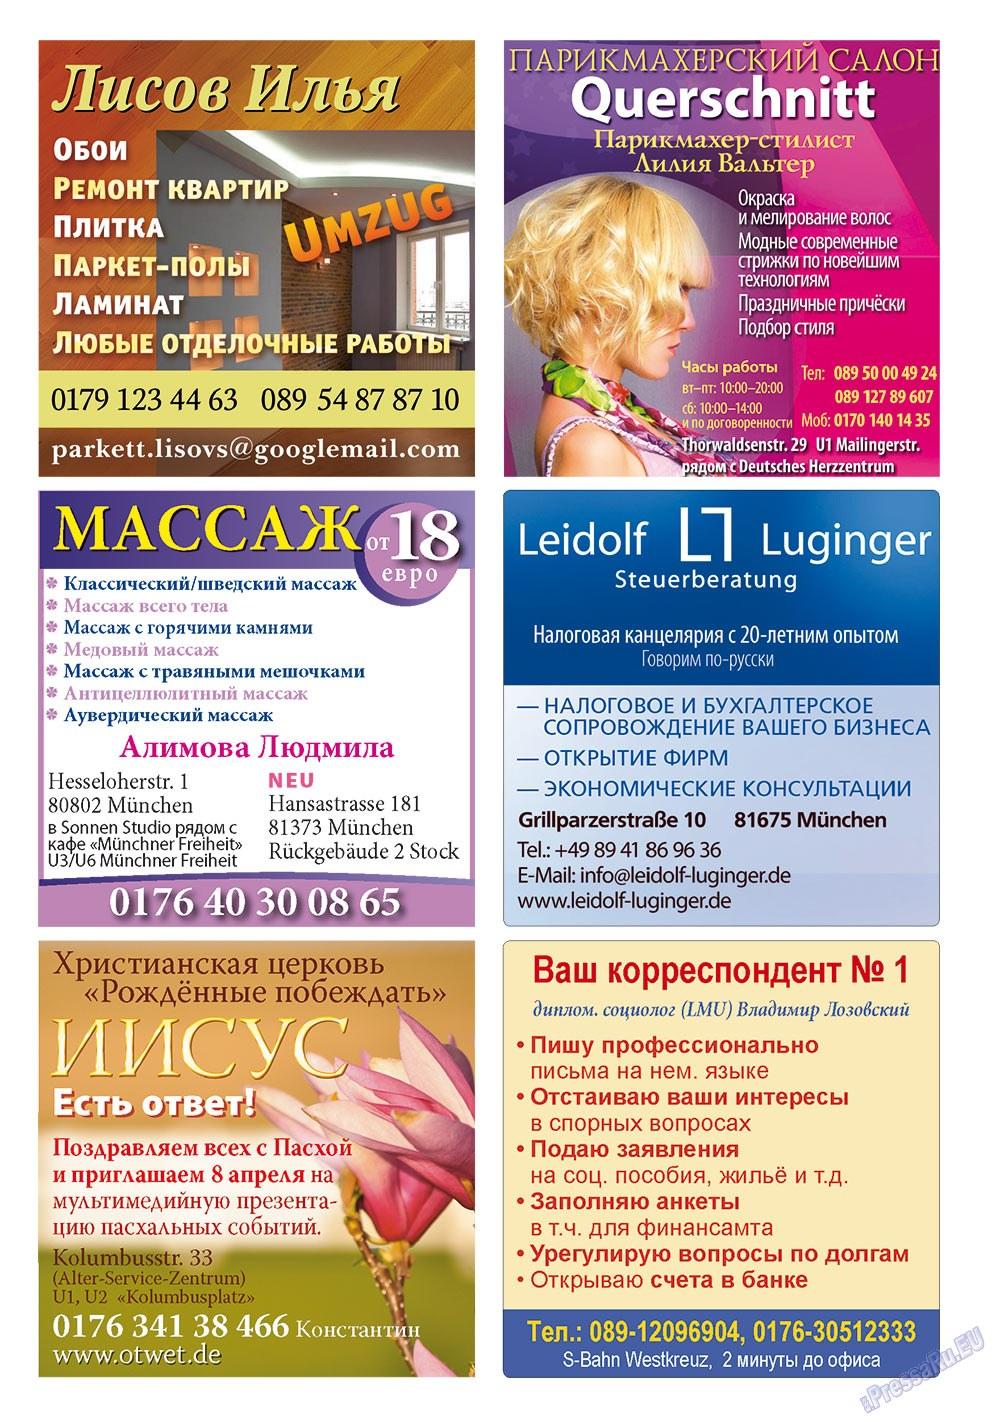 Апельсин (журнал). 2012 год, номер 34, стр. 17